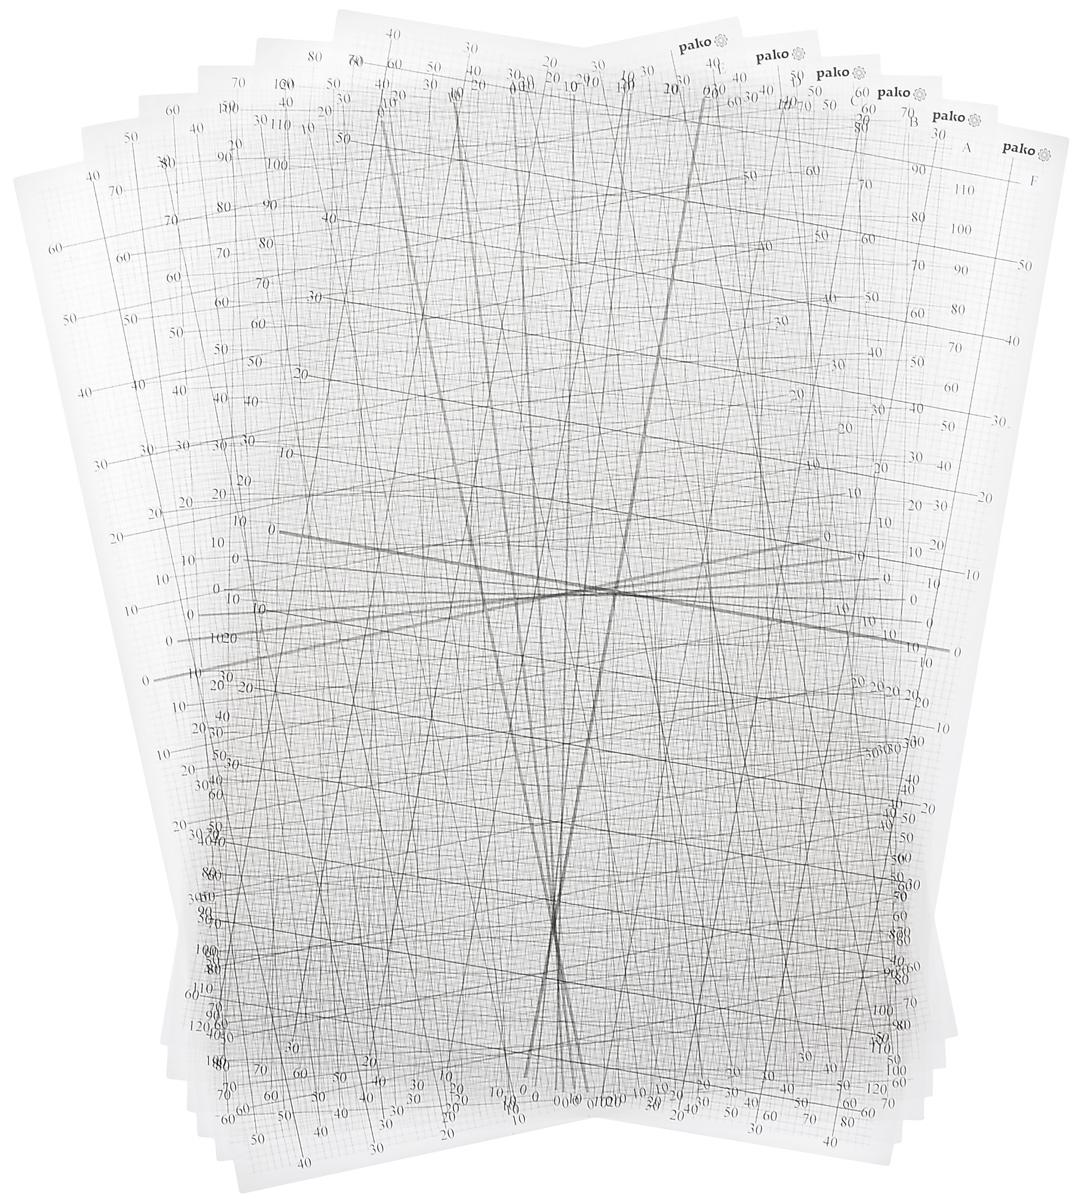 Сетка для вышивания Pako, 6 шт707-090Сетки Pako изготовлены из ПВХ. При помощи данных сеток можно создавать вышивку из существующей фотографии, рисунка или другой картинки. Также есть возможность увеличивать или уменьшать размер вышиваемого изображения. Комплектация: 6 шт. Размер сетки: 21 х 29,7 см.